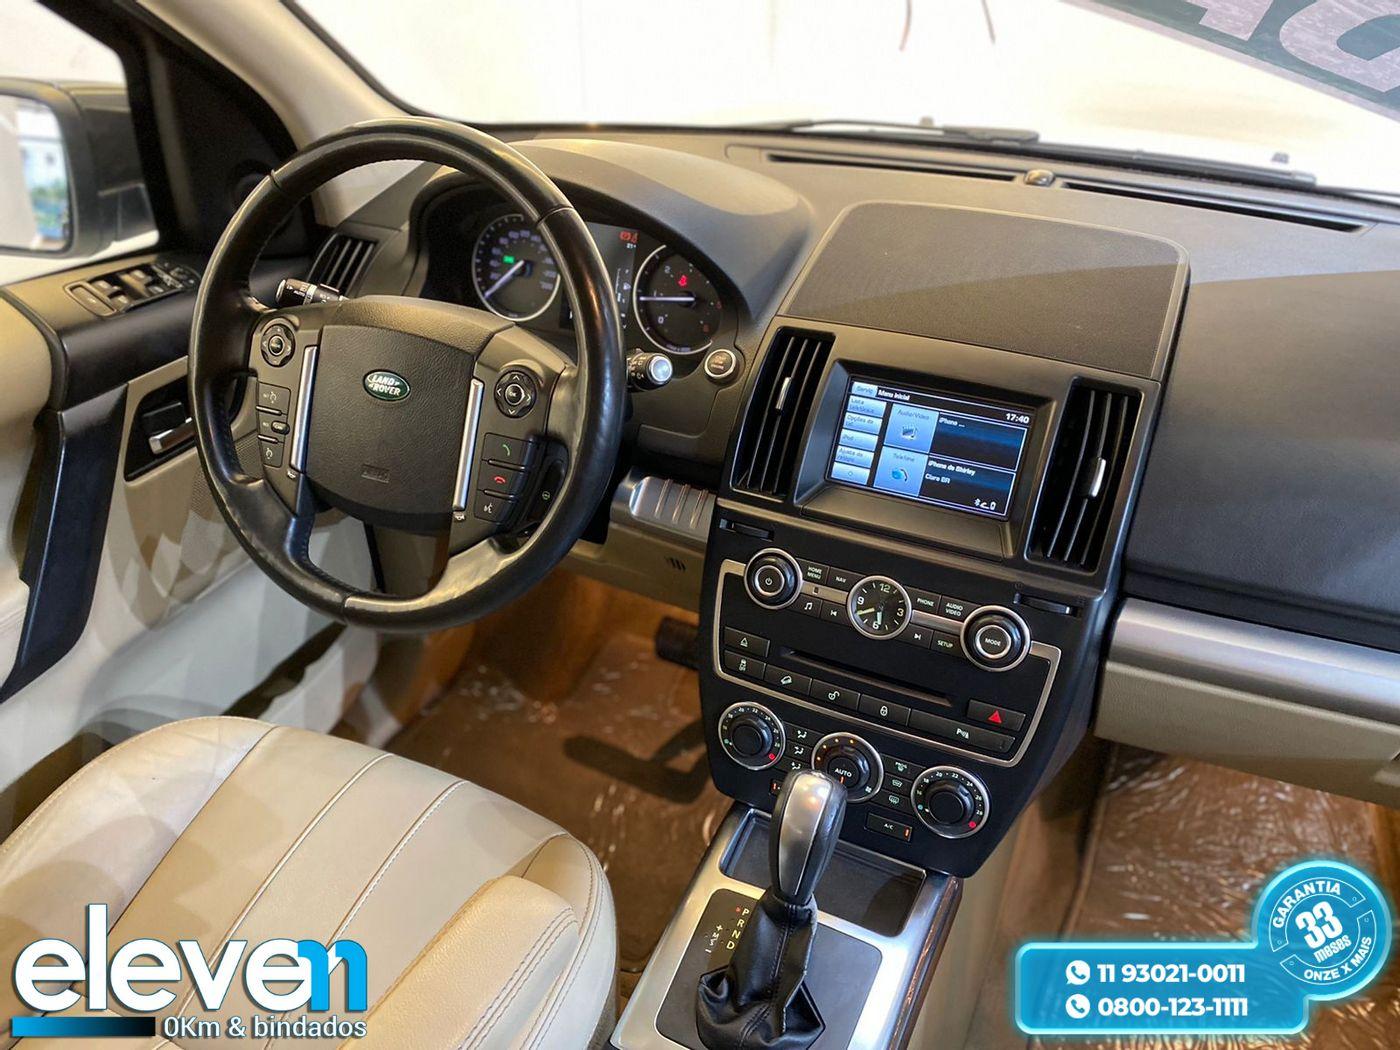 Land Rover Freelander2 SE 2.2 SD4 190cv T.Diesel